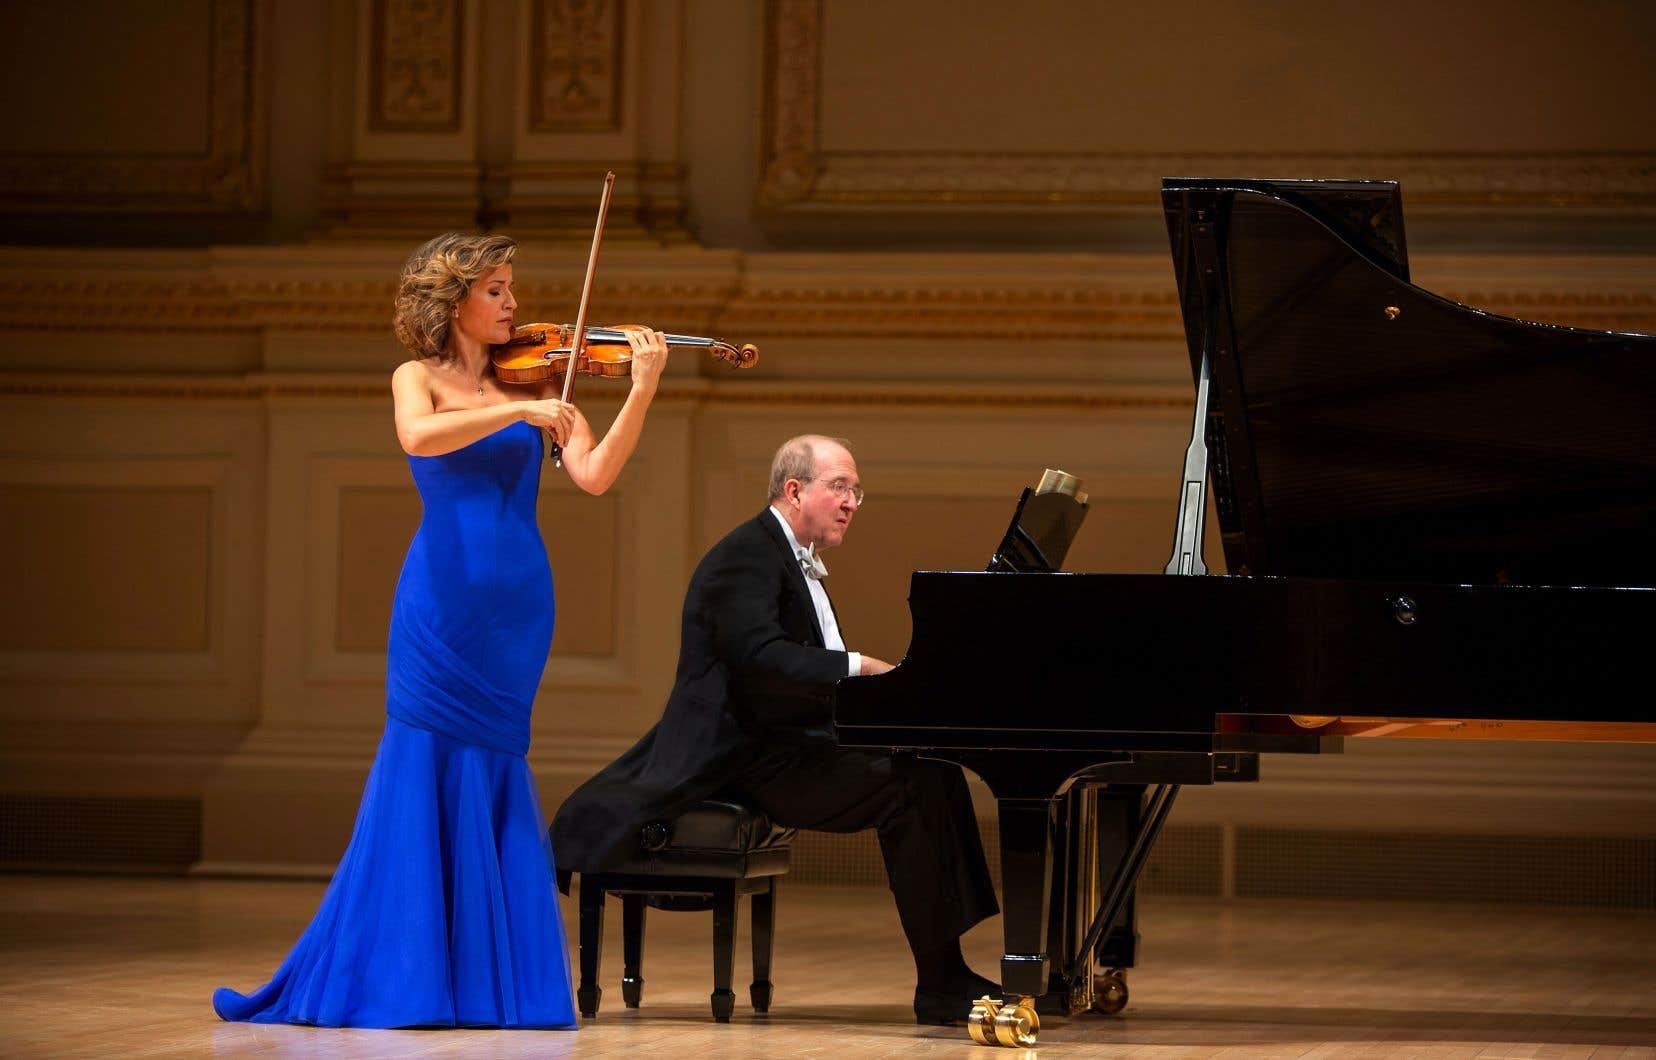 La violoniste Anne-Sophie Mutter sera de passage à la Maison symphonique de Montréal vendredi, avec le pianiste Lambert Orkis, pour offrir un récital où Mozart côtoie des compositeurs français du début du XXesiècle.